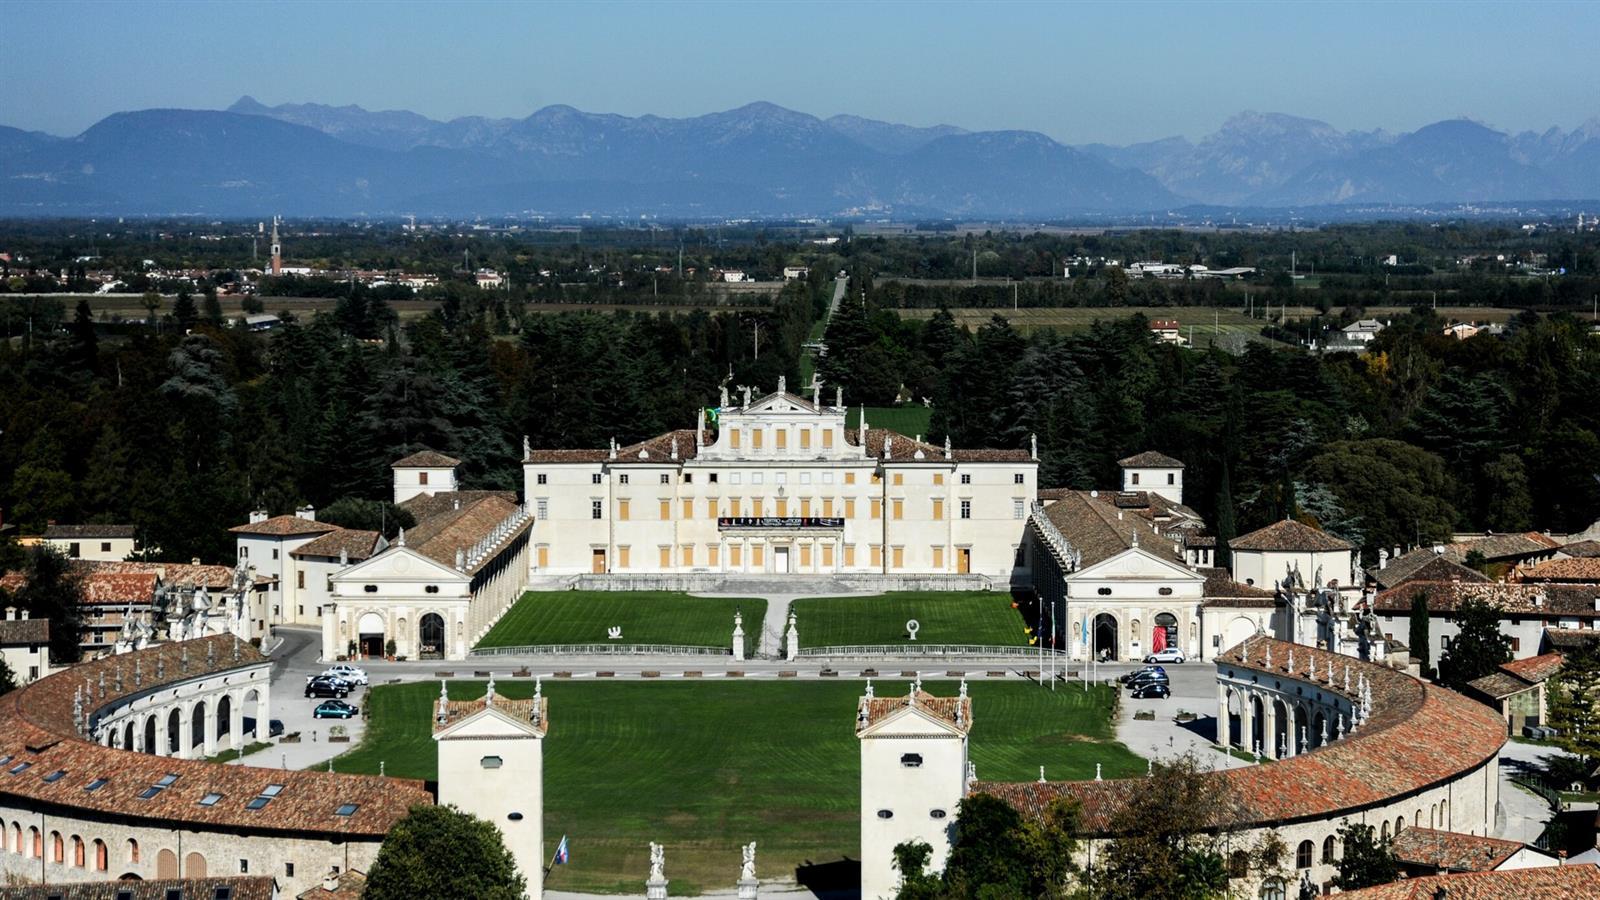 Villa Manin, Passariano, residenza del doge Ludovico Manin e sede del trattato di Campoformido